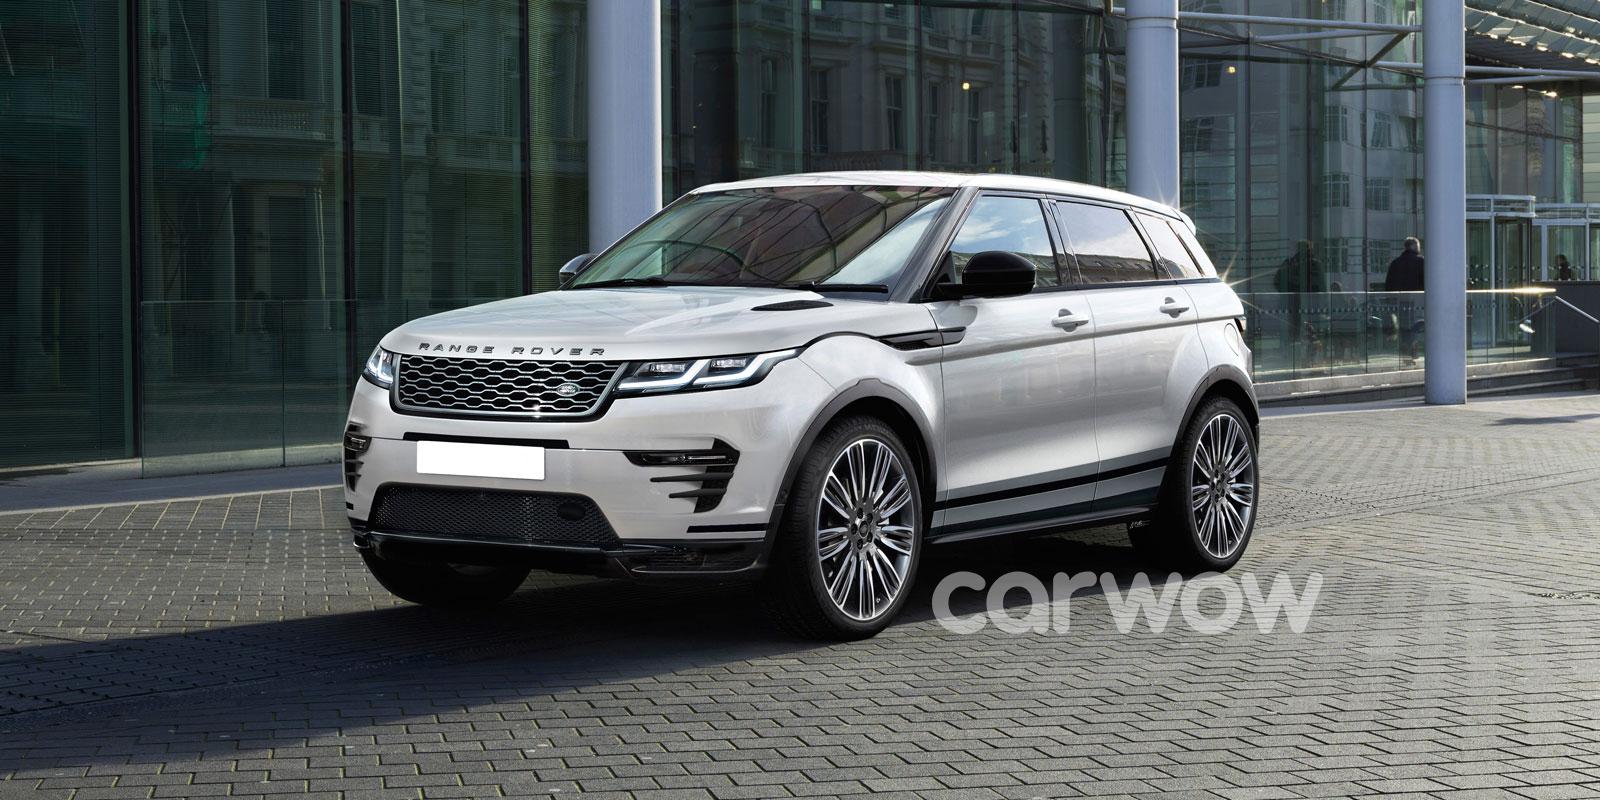 Range Rover Evoque Động Cơ Nhỏ 2.0L Đời Mới Model 2018 Và 2019 Bao Nhiêu Tiền Khi Về Việt Nam, Xe 5 Chỗ Gầm Cao SUV Nhập Khẩu, Xe Evoque SE Cũ, RR HSE qua sư dung, Bản full option Dynamic,